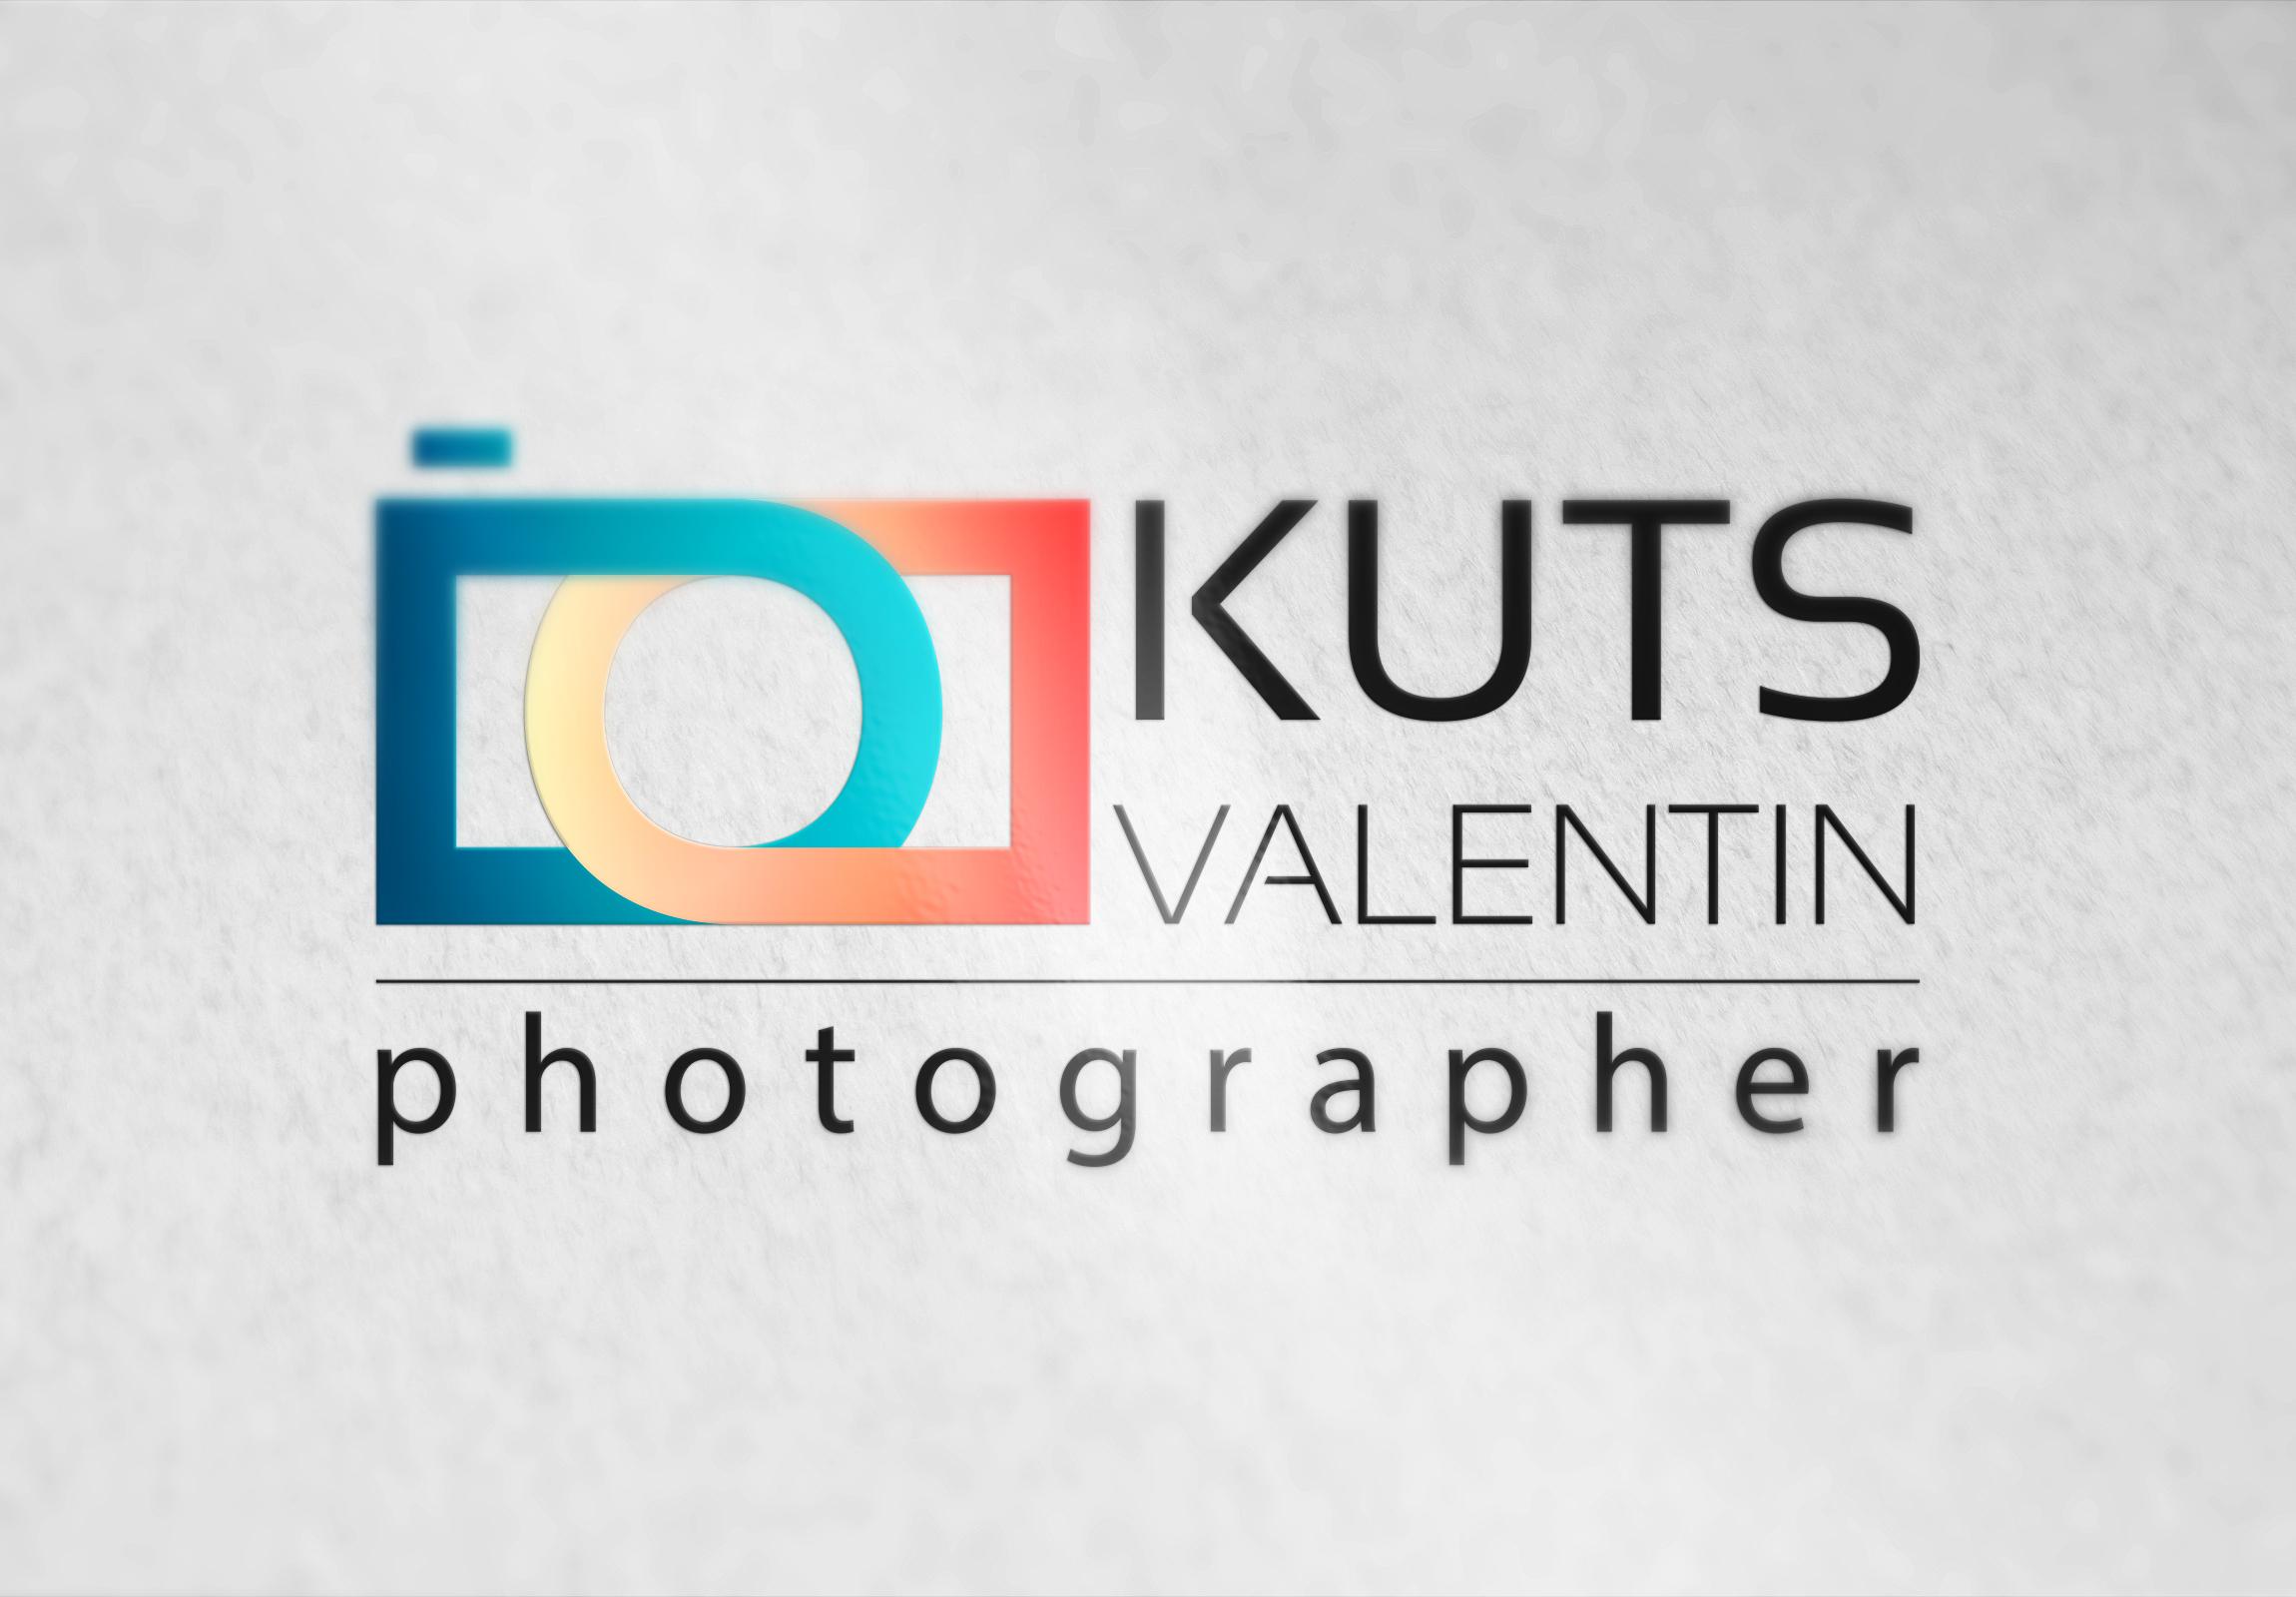 Логотип для фотографа Валентина Куца